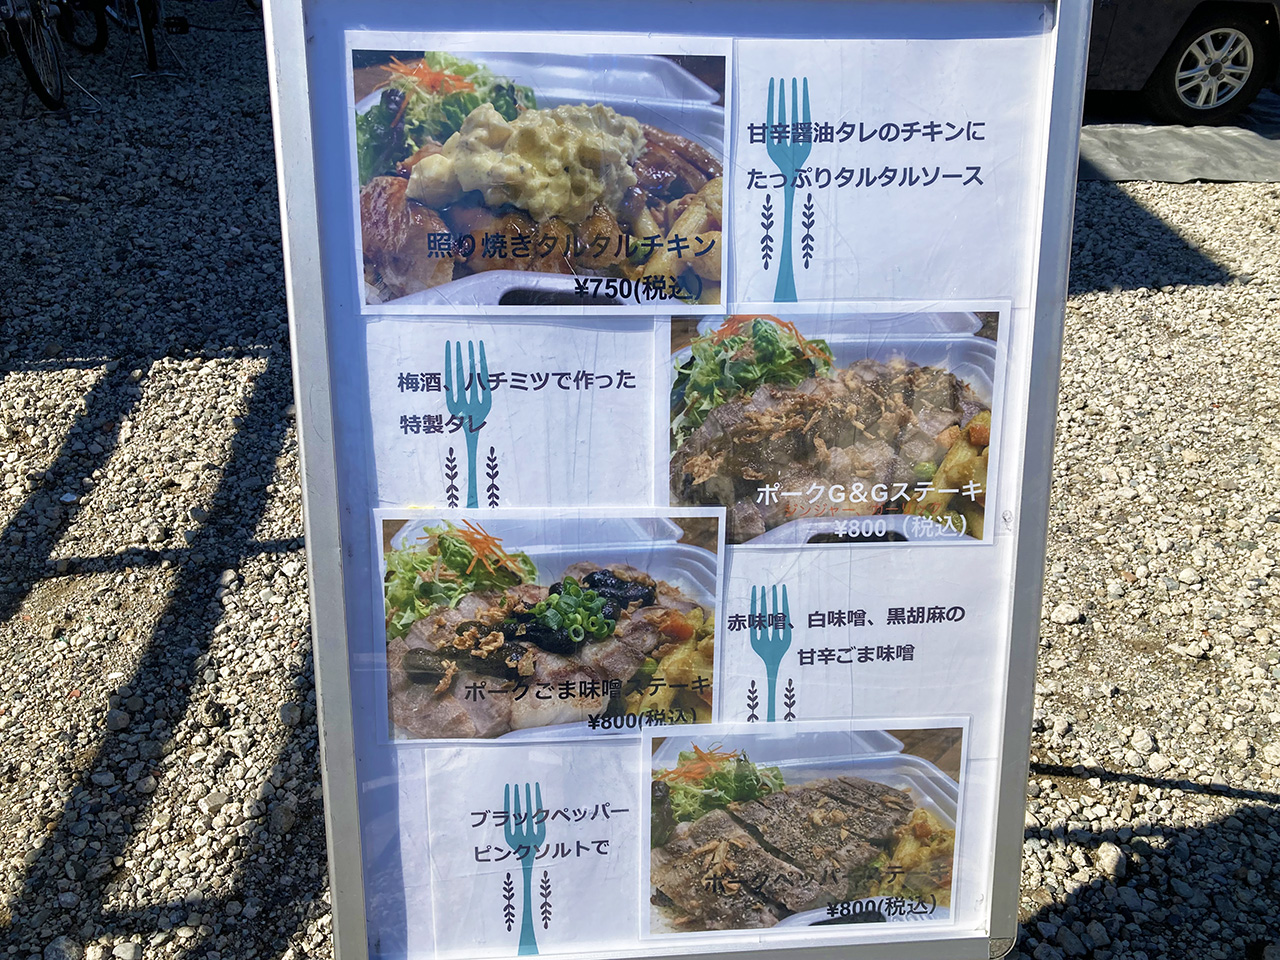 こんなところにもキッチンカー!プラウドシーズン稲城南山へ行ってきました♪